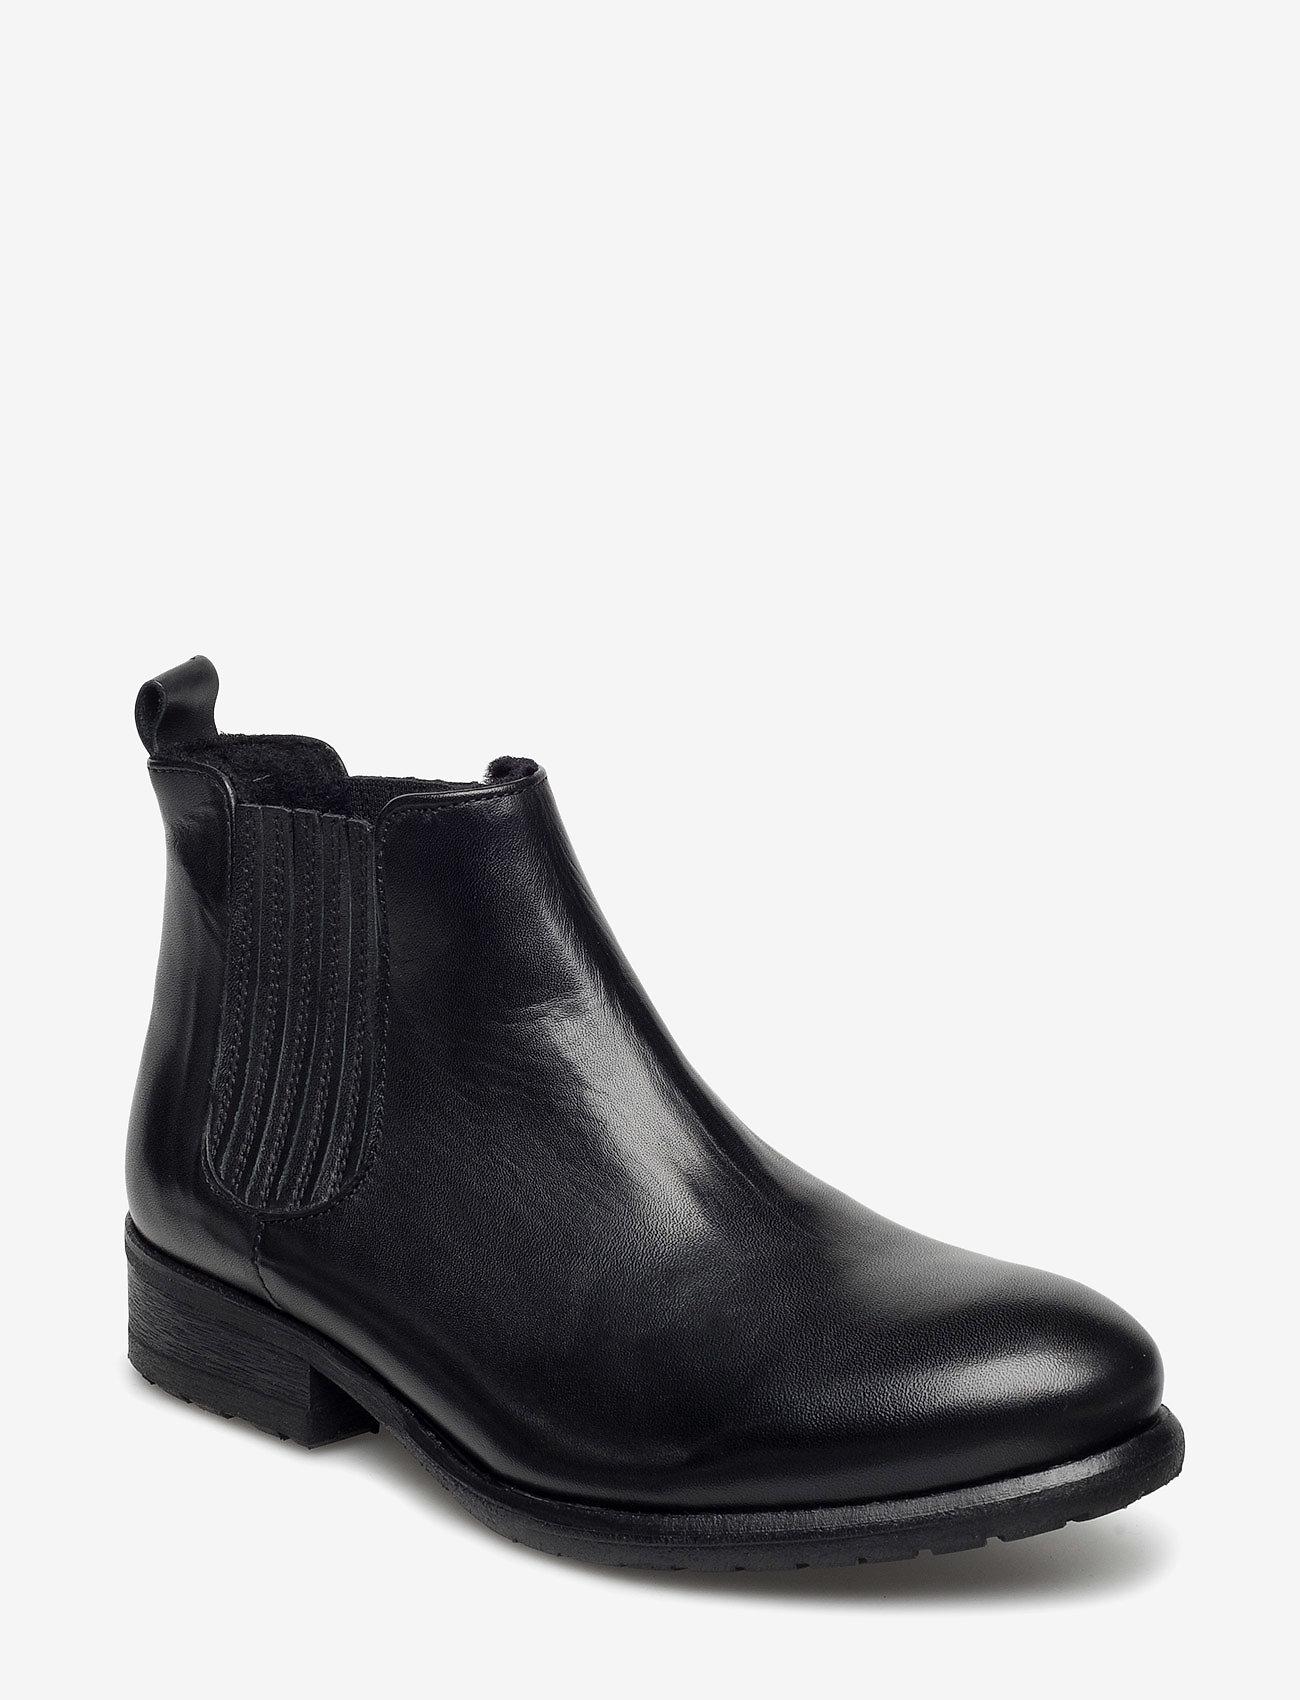 Billi Bi - BOOTS - flate ankelstøvletter - black calf 60 - 0